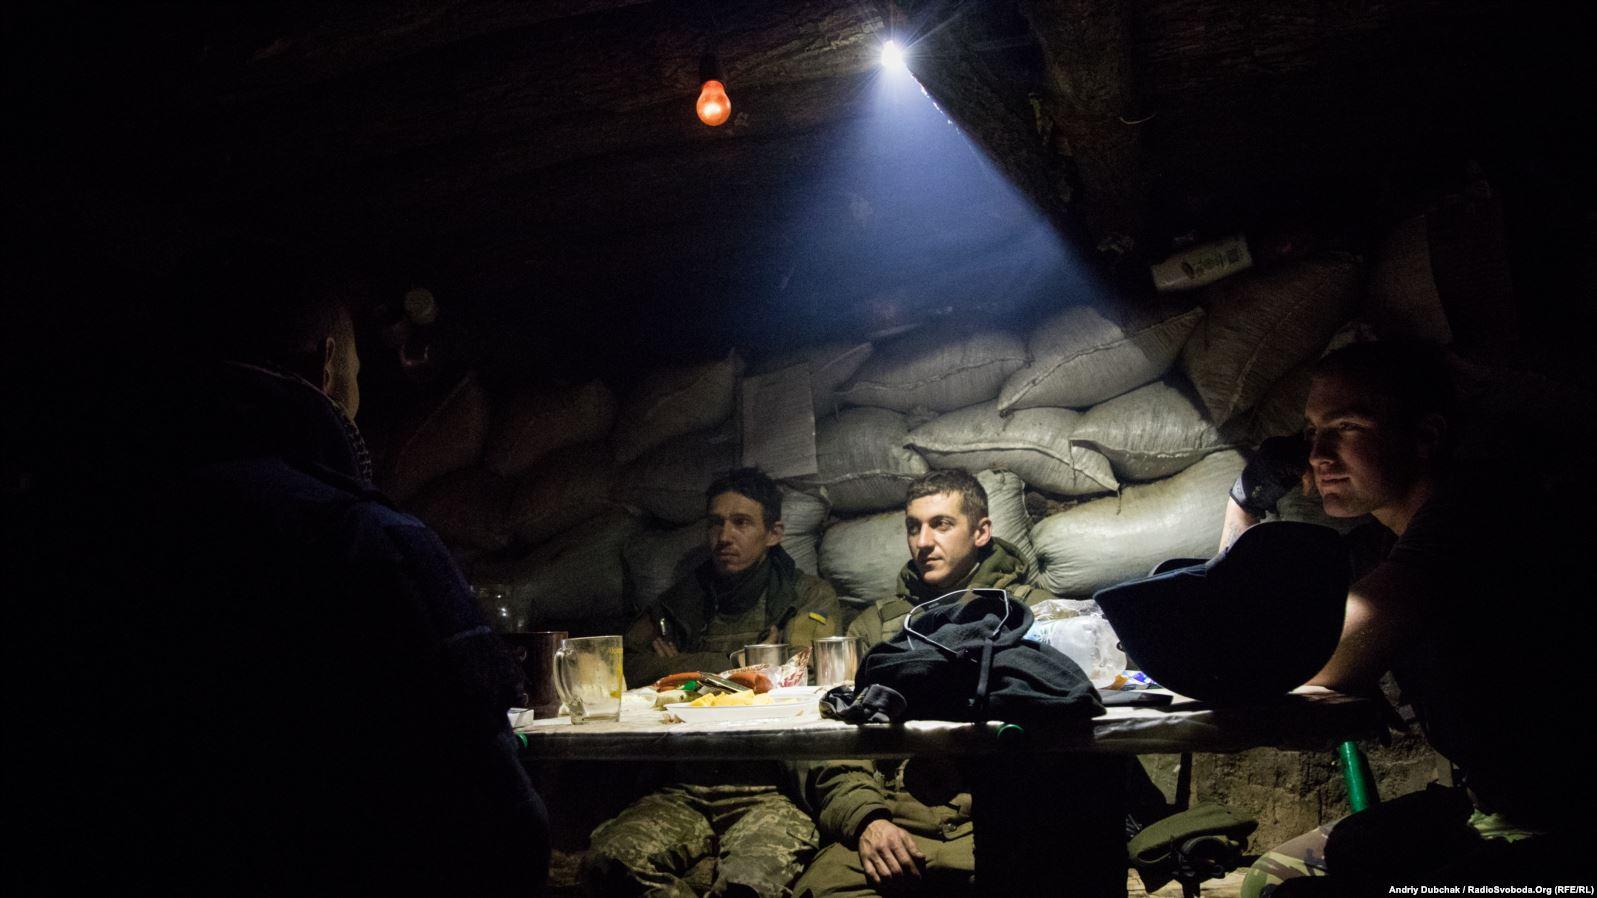 Вечеря під час бою. Українські військові вечеряють у бліндажі на передовій під Попасною, у той час, як інші бійці придушували вогонь противника